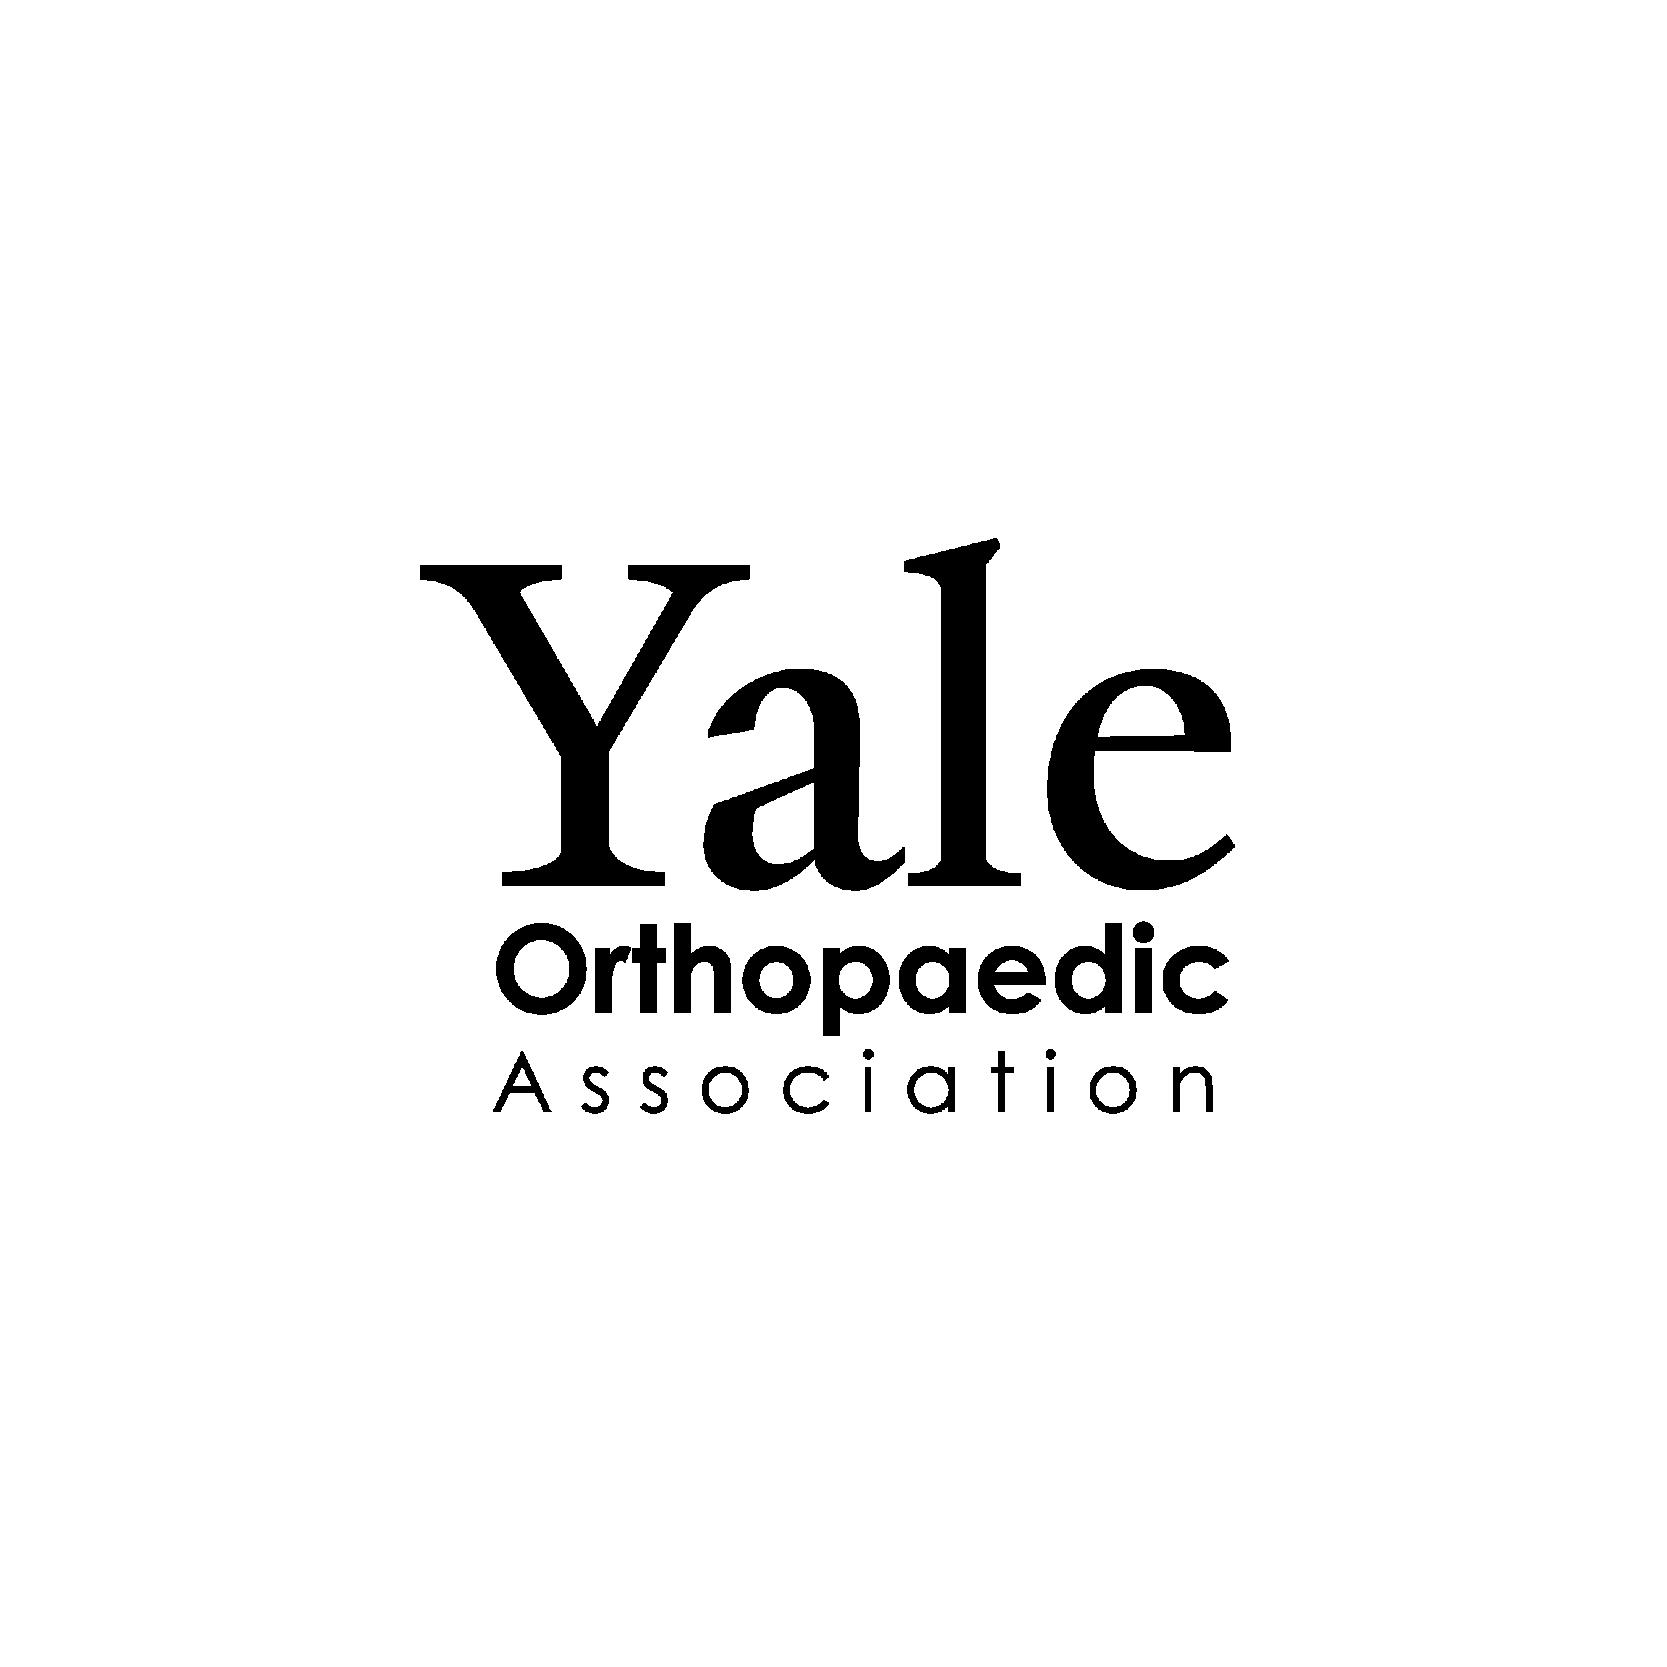 Yale-Ortho-Assoc